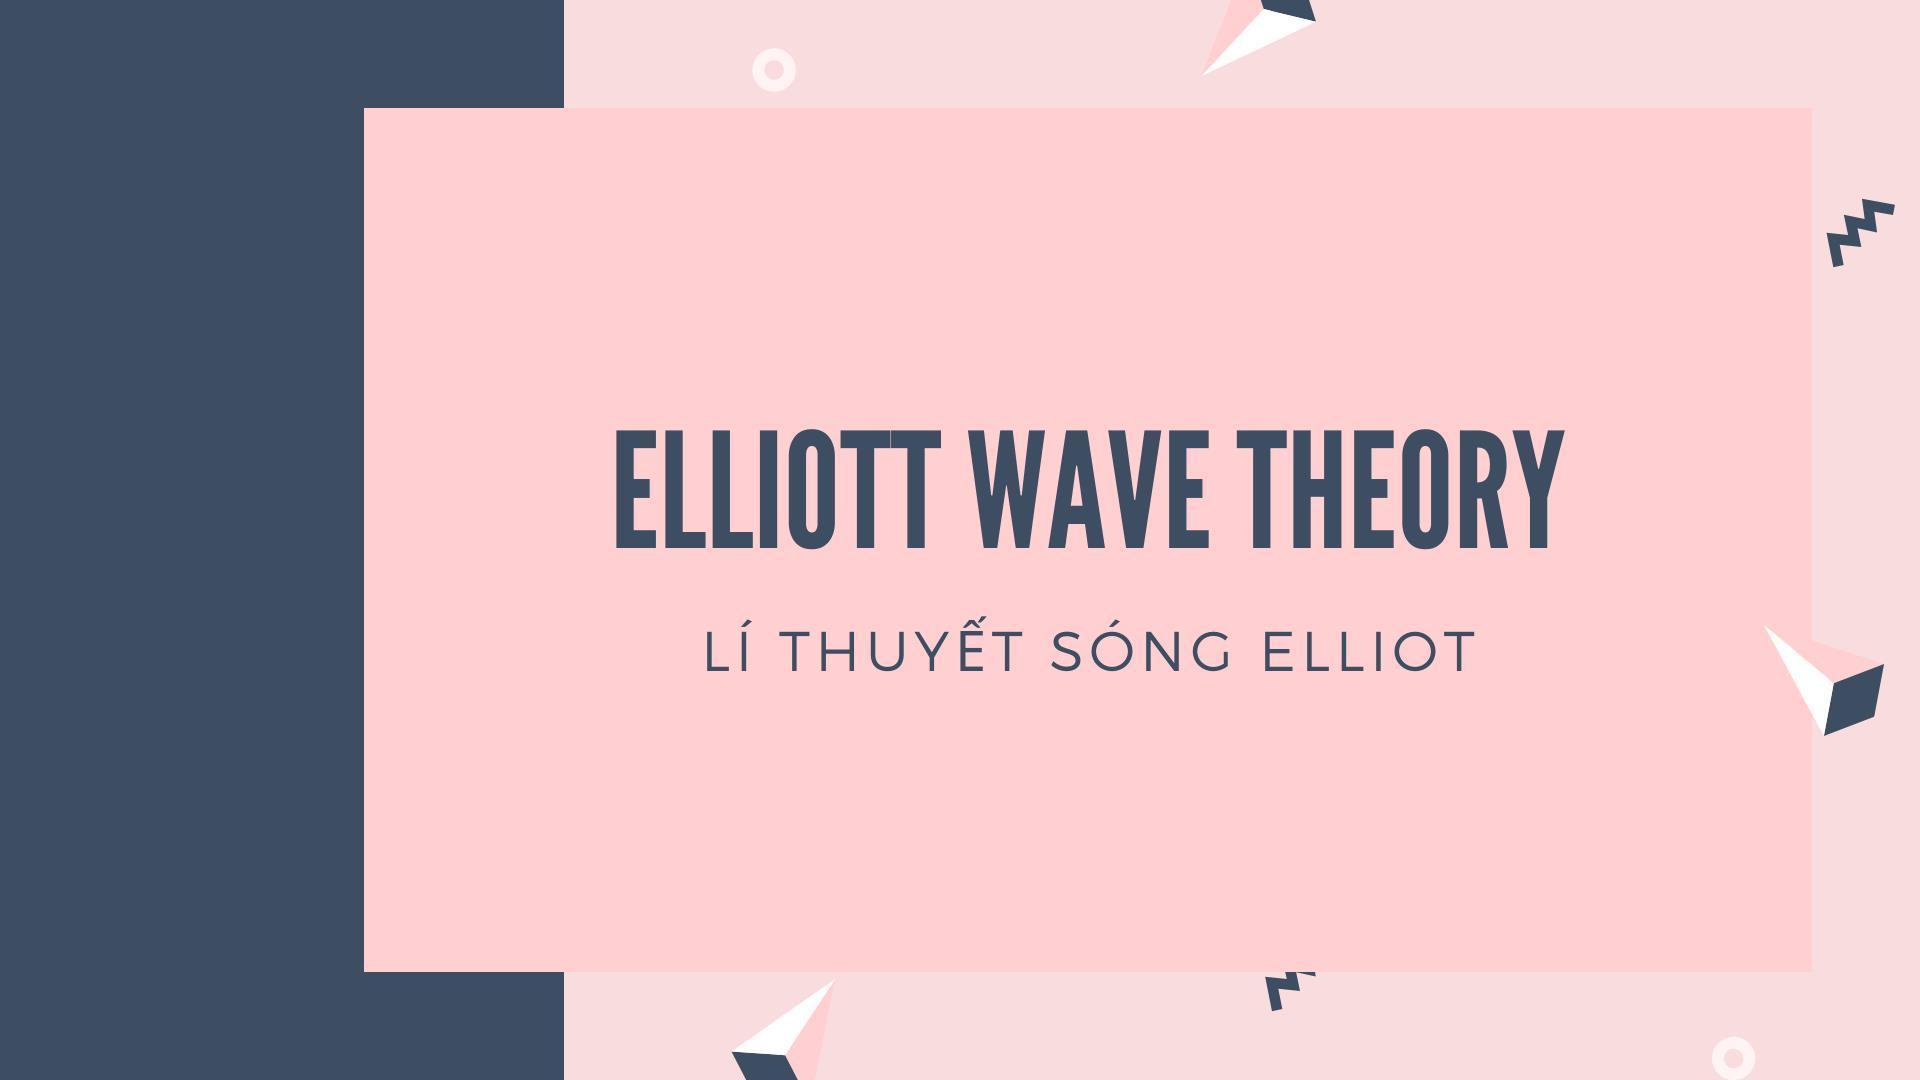 Hướng dẫn toàn diện về lý thuyết sóng Elliott. PHẦN 1. MÔ HÌNH SÓNG ĐẨY.